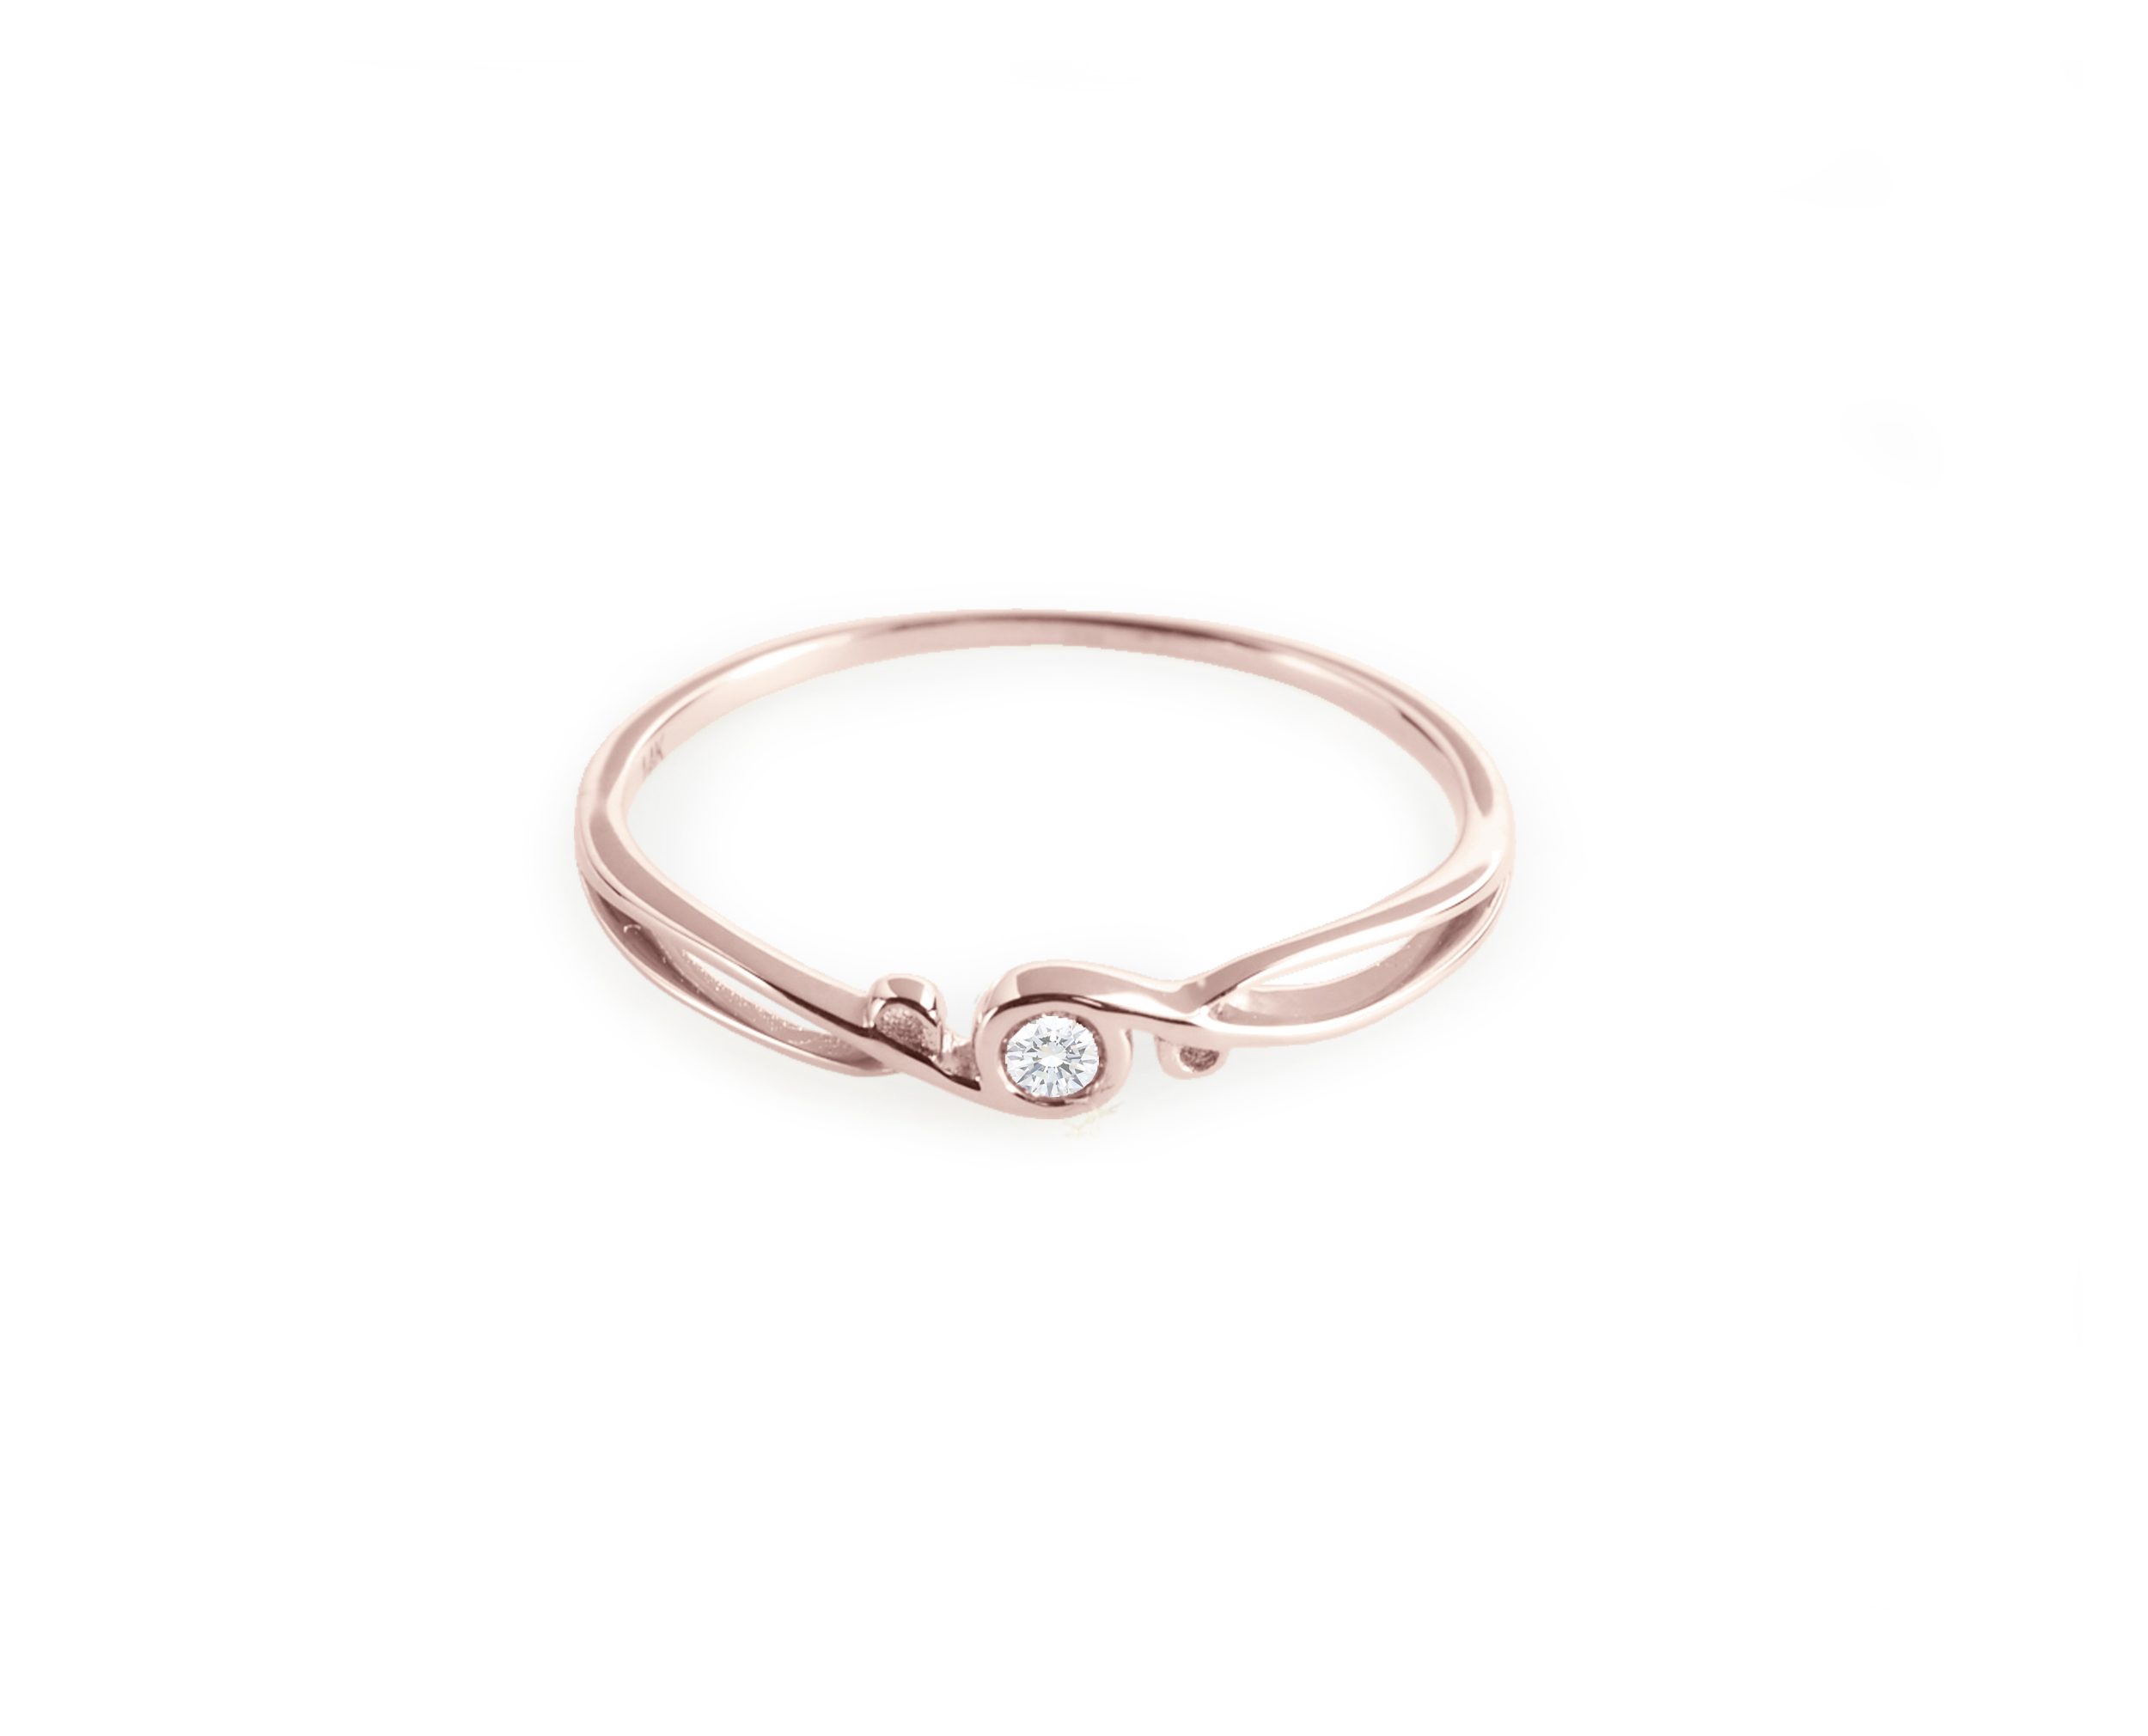 detail-2 - diamond + rose gold.jpg